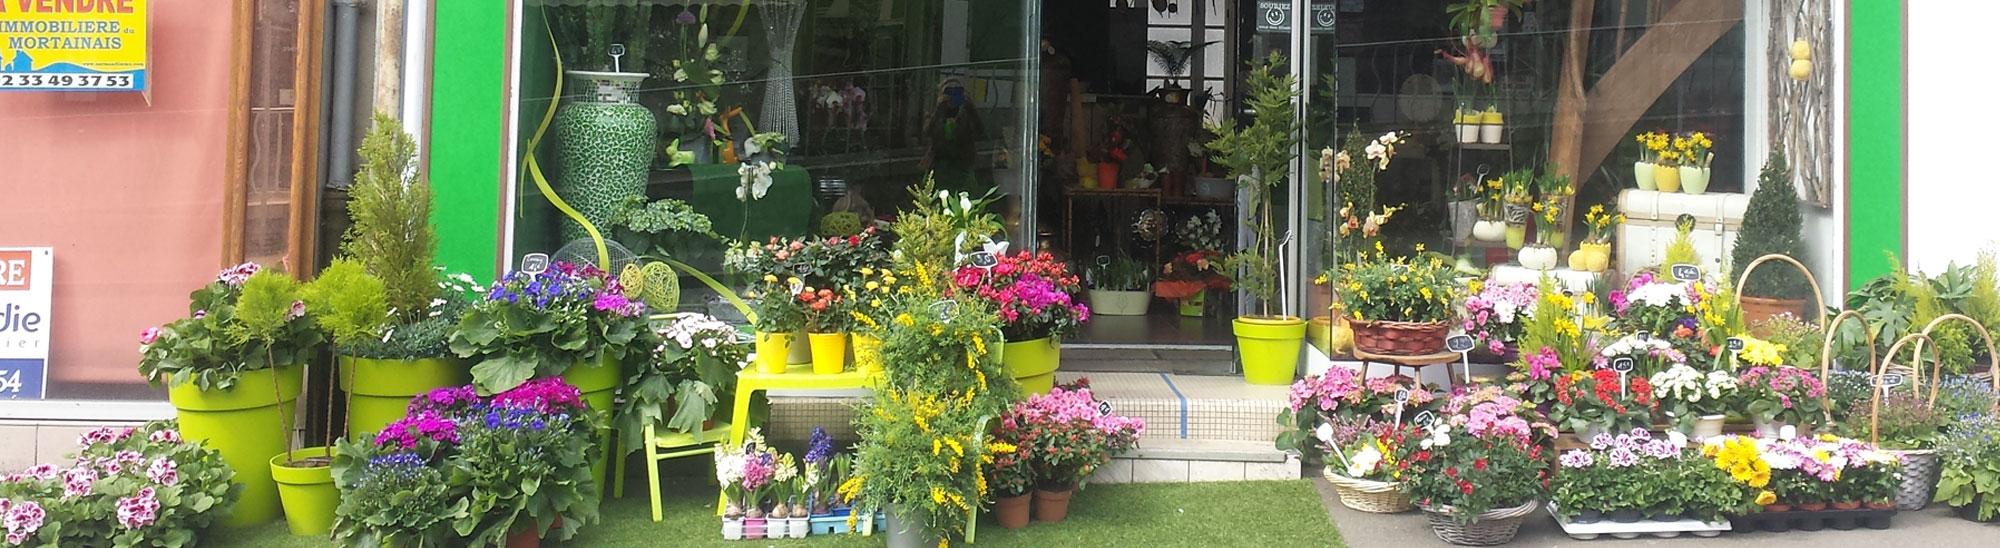 Livraison de fleurs Lassay les chateaux